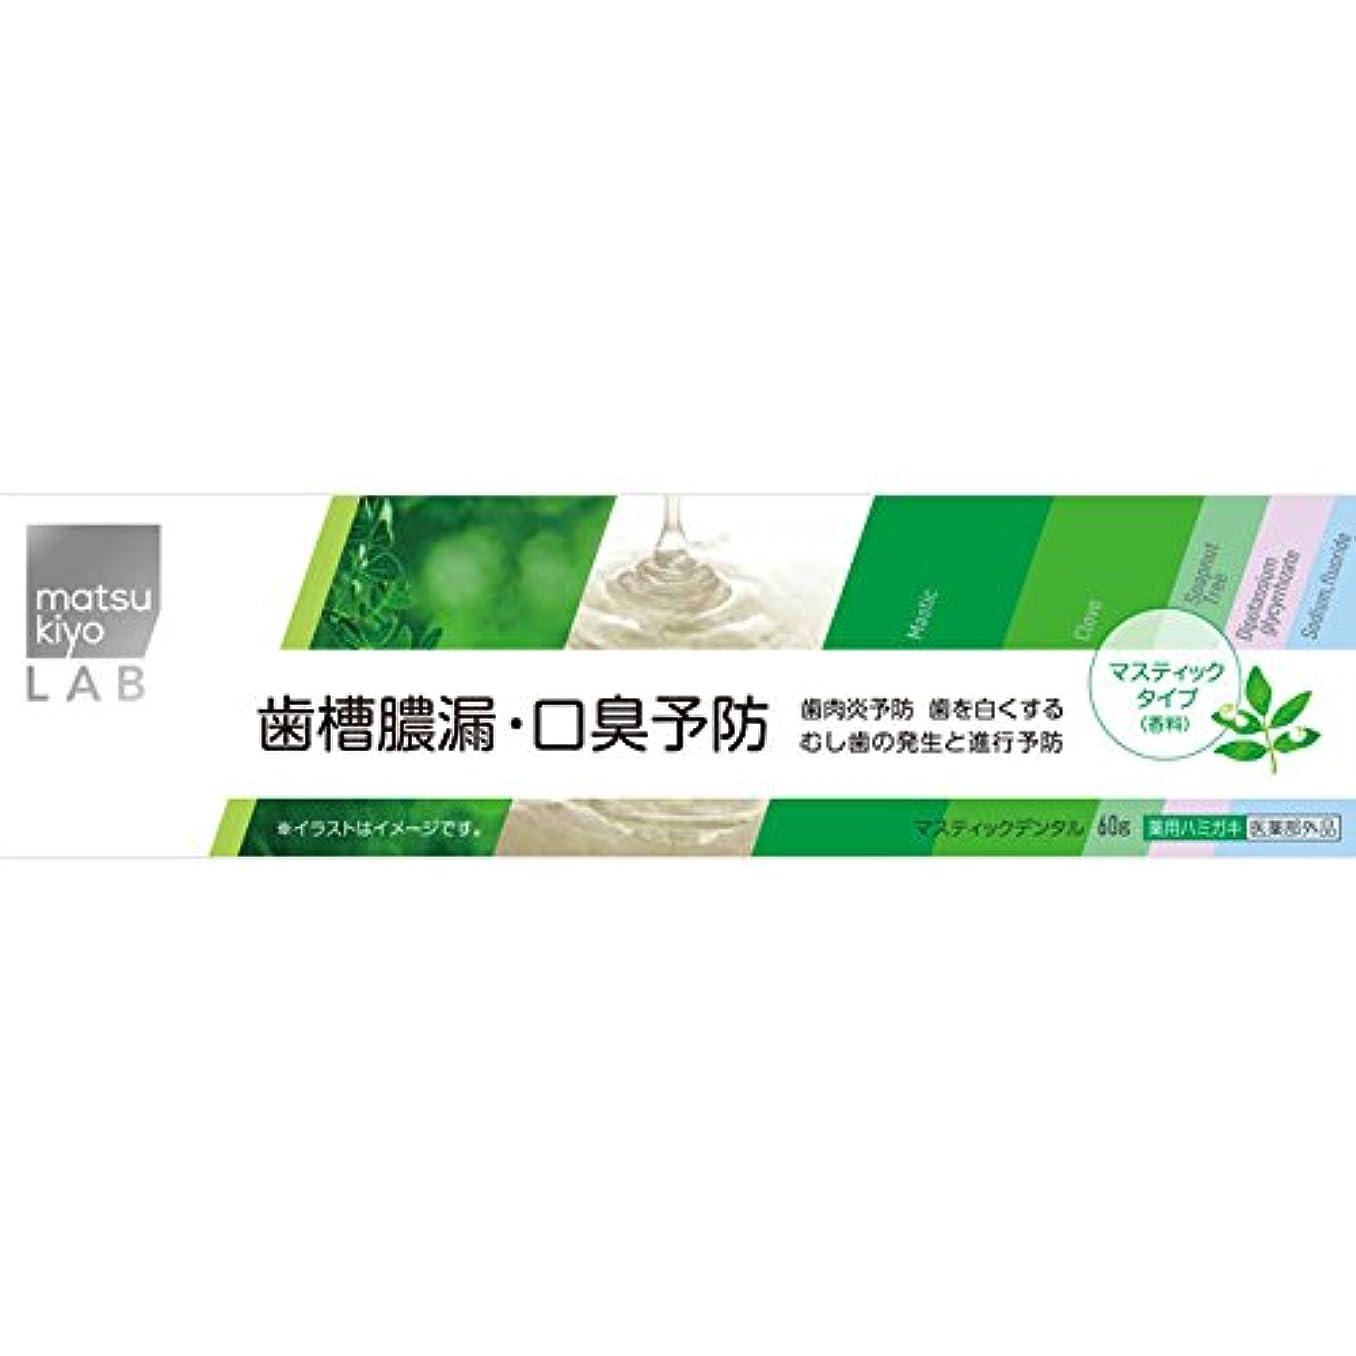 素晴らしい良い多くのショップアヒルmatsukiyo LAB マスティックデンタル 60g (医薬部外品)